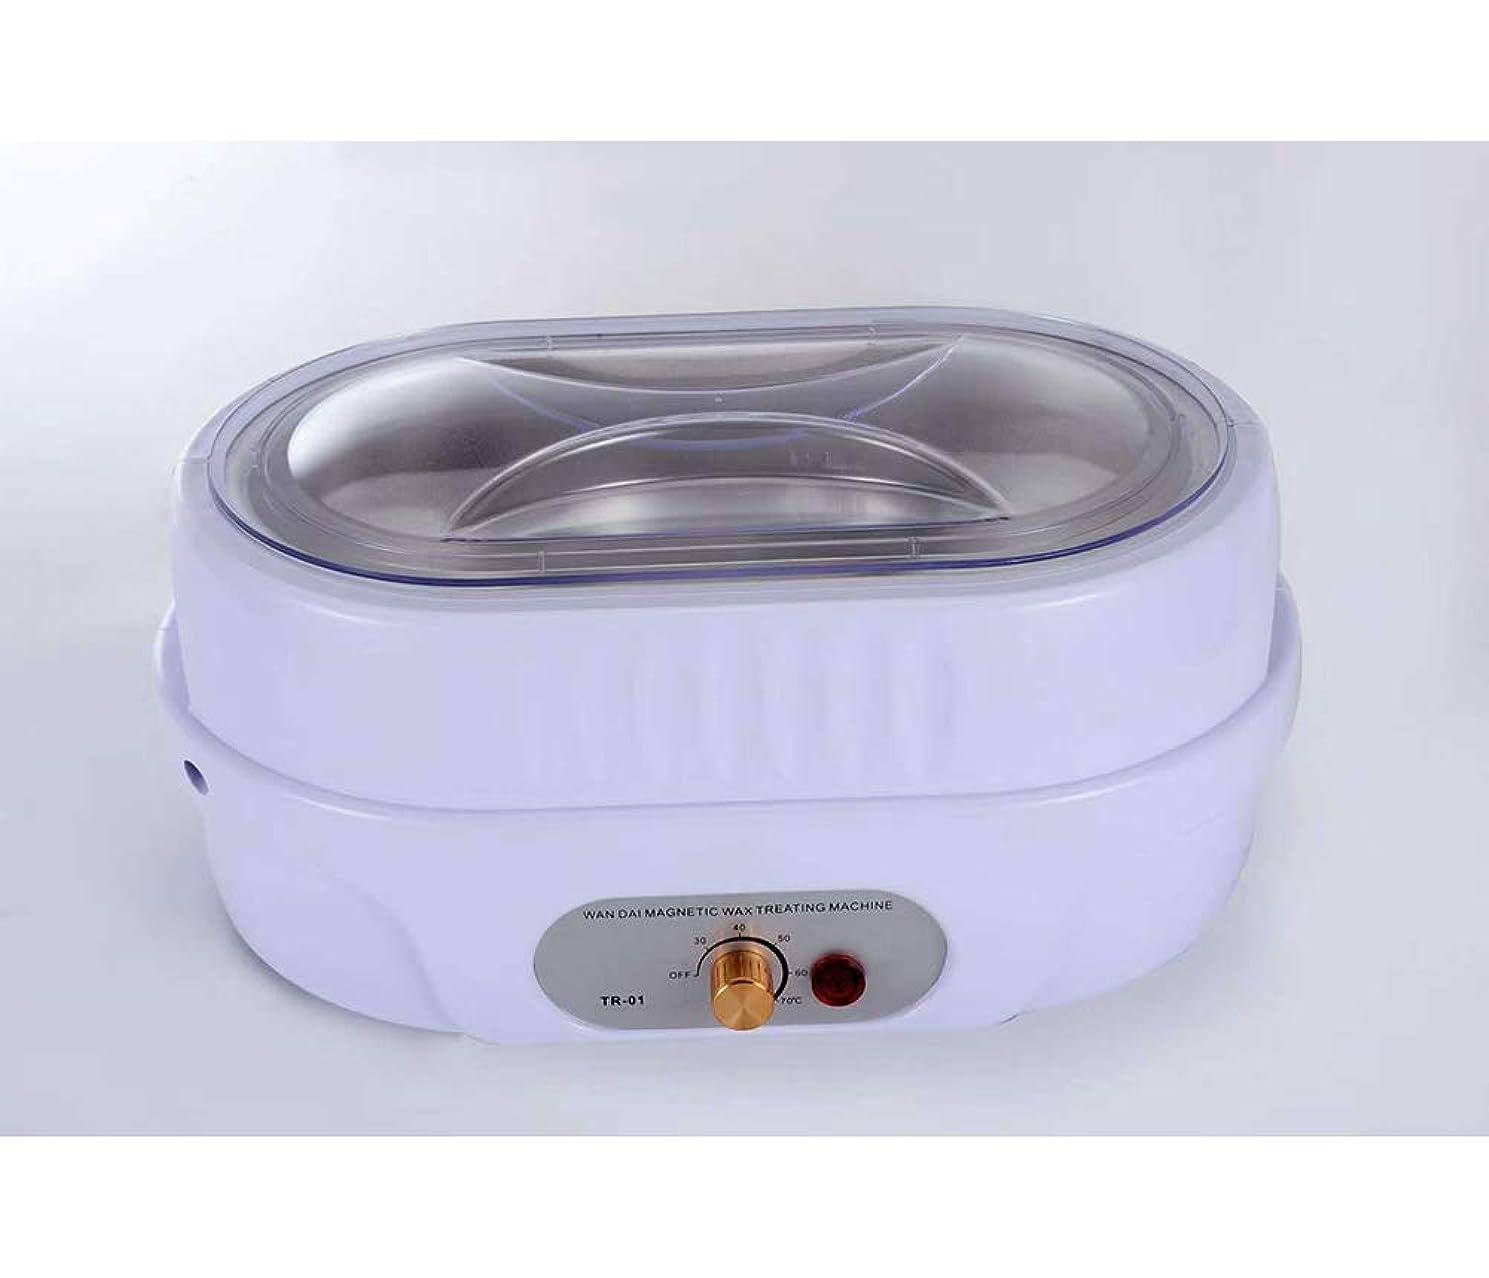 レイア支配するアルミニウムパラフィンワックスのヒーターの皮の処置機械高容量の毛の取り外しのパラフィン暖房の鍋のワックスのウォーマーセット